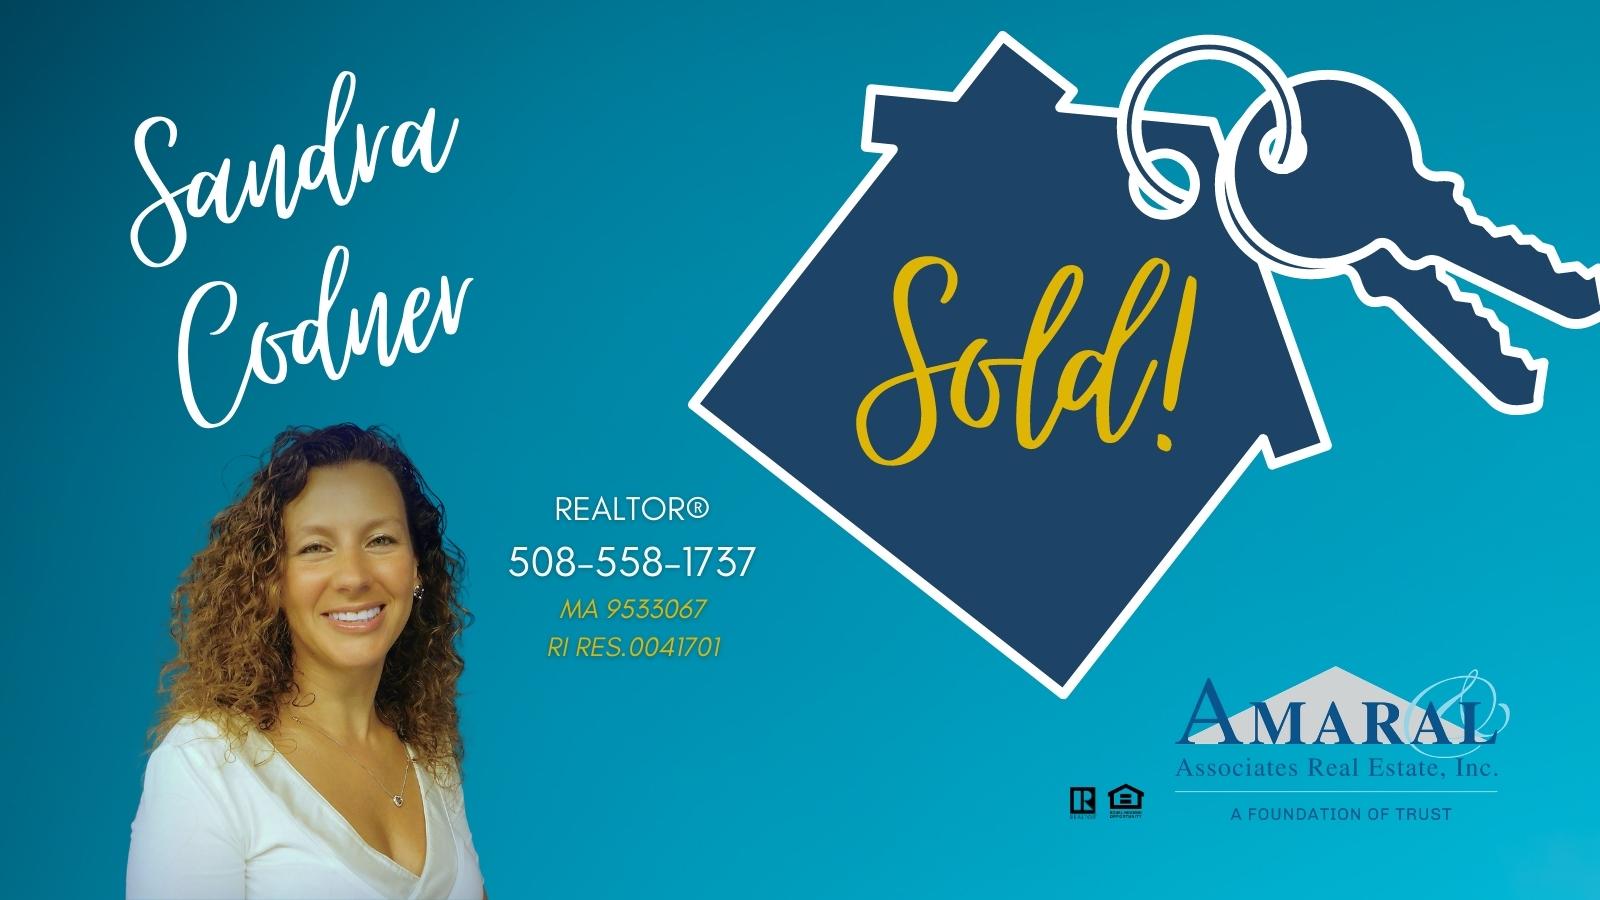 SOLD with Sandra Codner! 116 Roberts St, W Warwick, RI